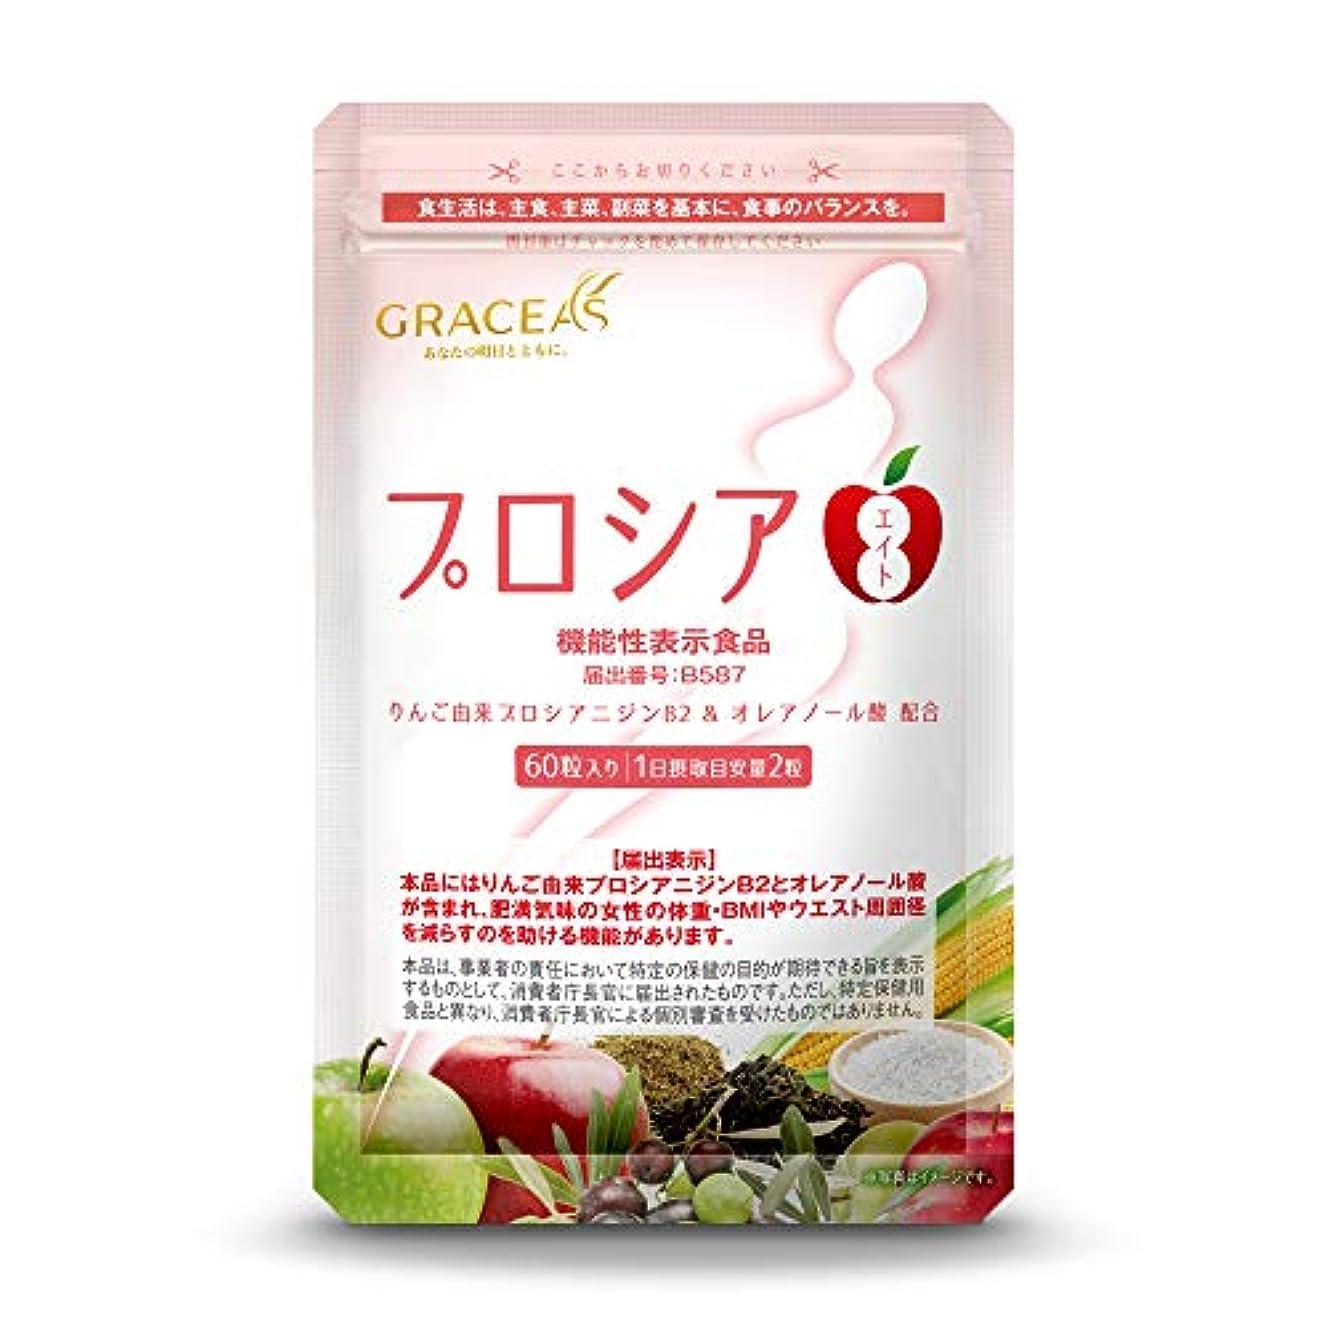 幸福やるラブプロシア8(プロシアエイト) ダイエットサプリ りんご由来 オリーブ葉抽出 機能性表示食品 特許成分配合 60粒